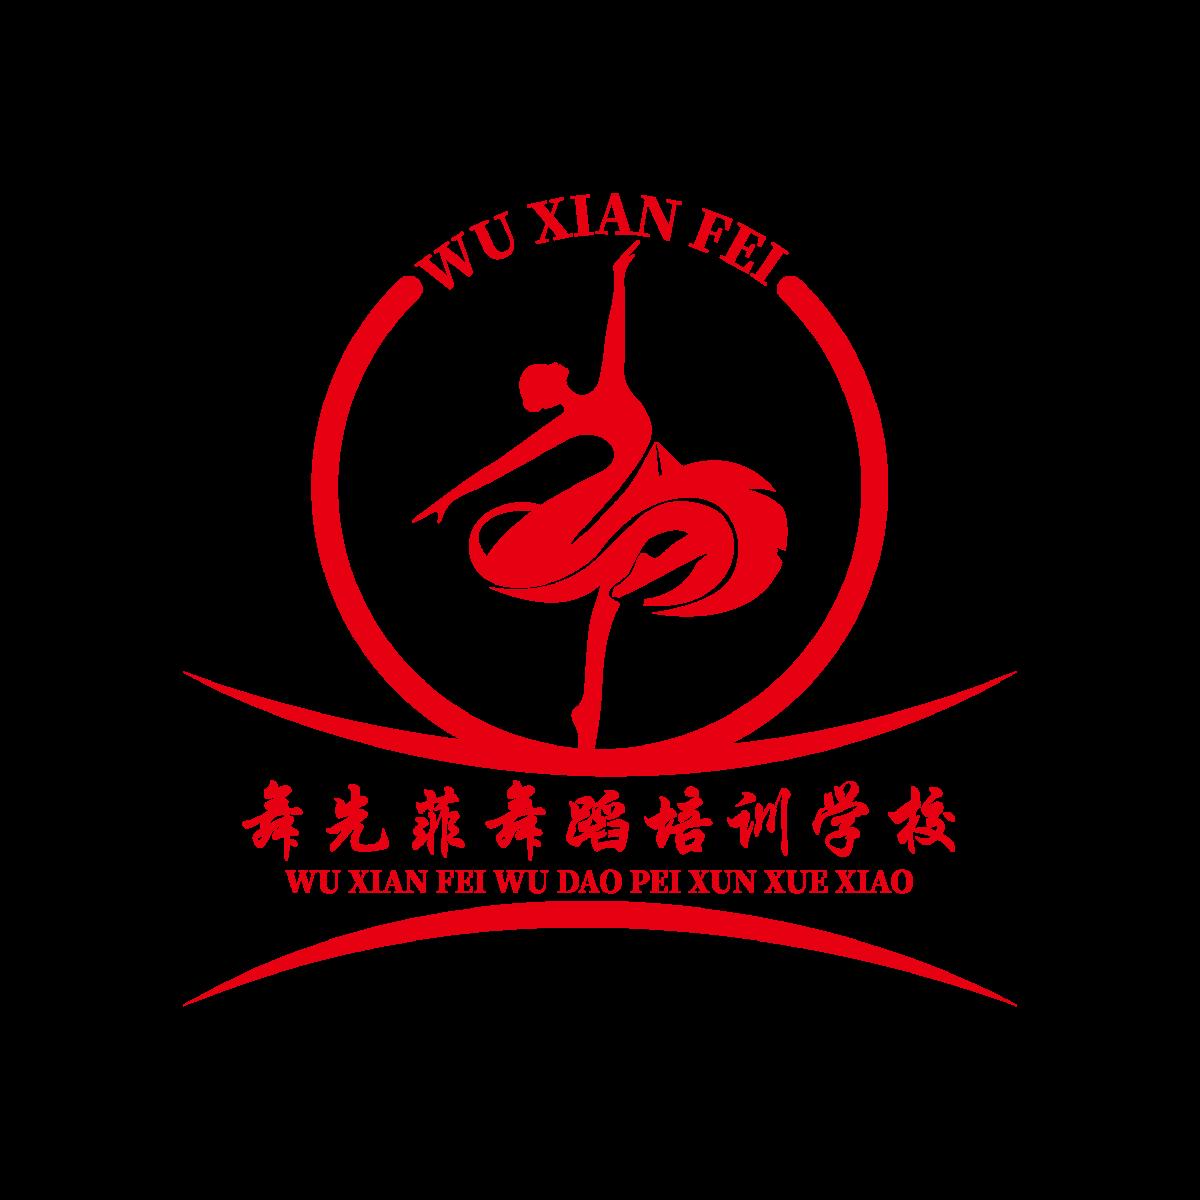 广德舞先菲舞蹈培训学校有限公司